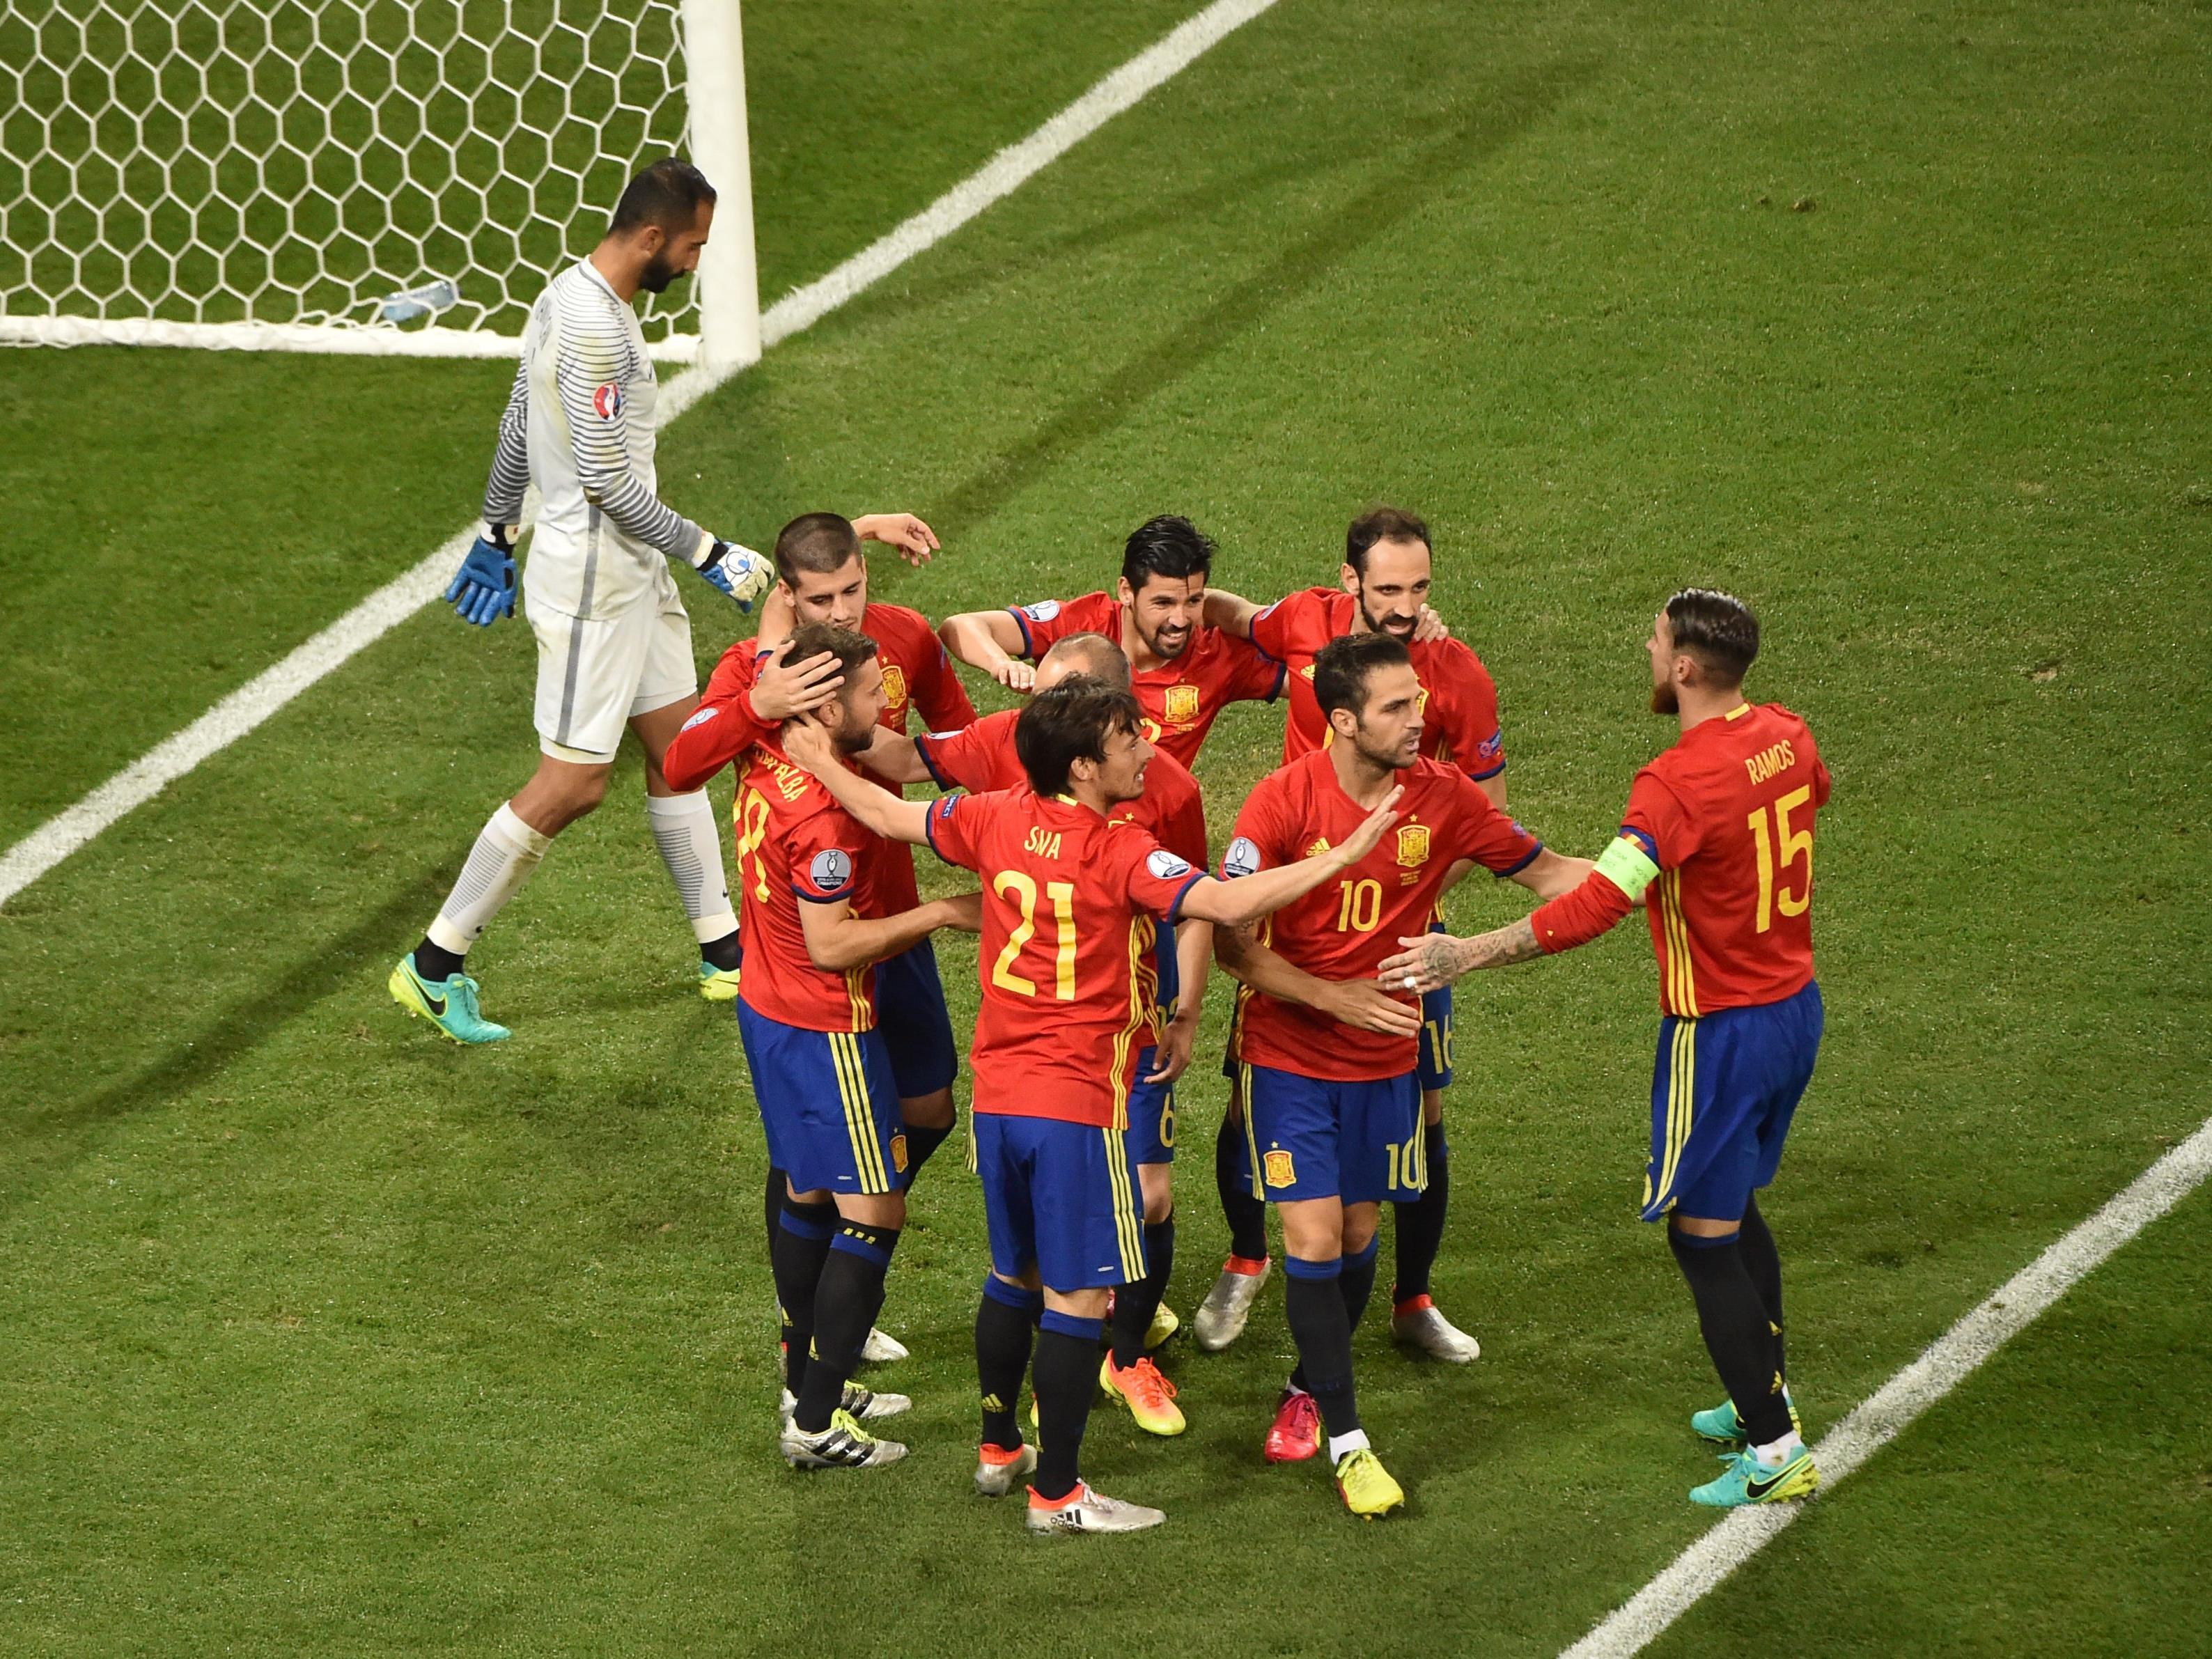 Die Spanier überzeugten mit einer starken Leistung gegen die Türkei.